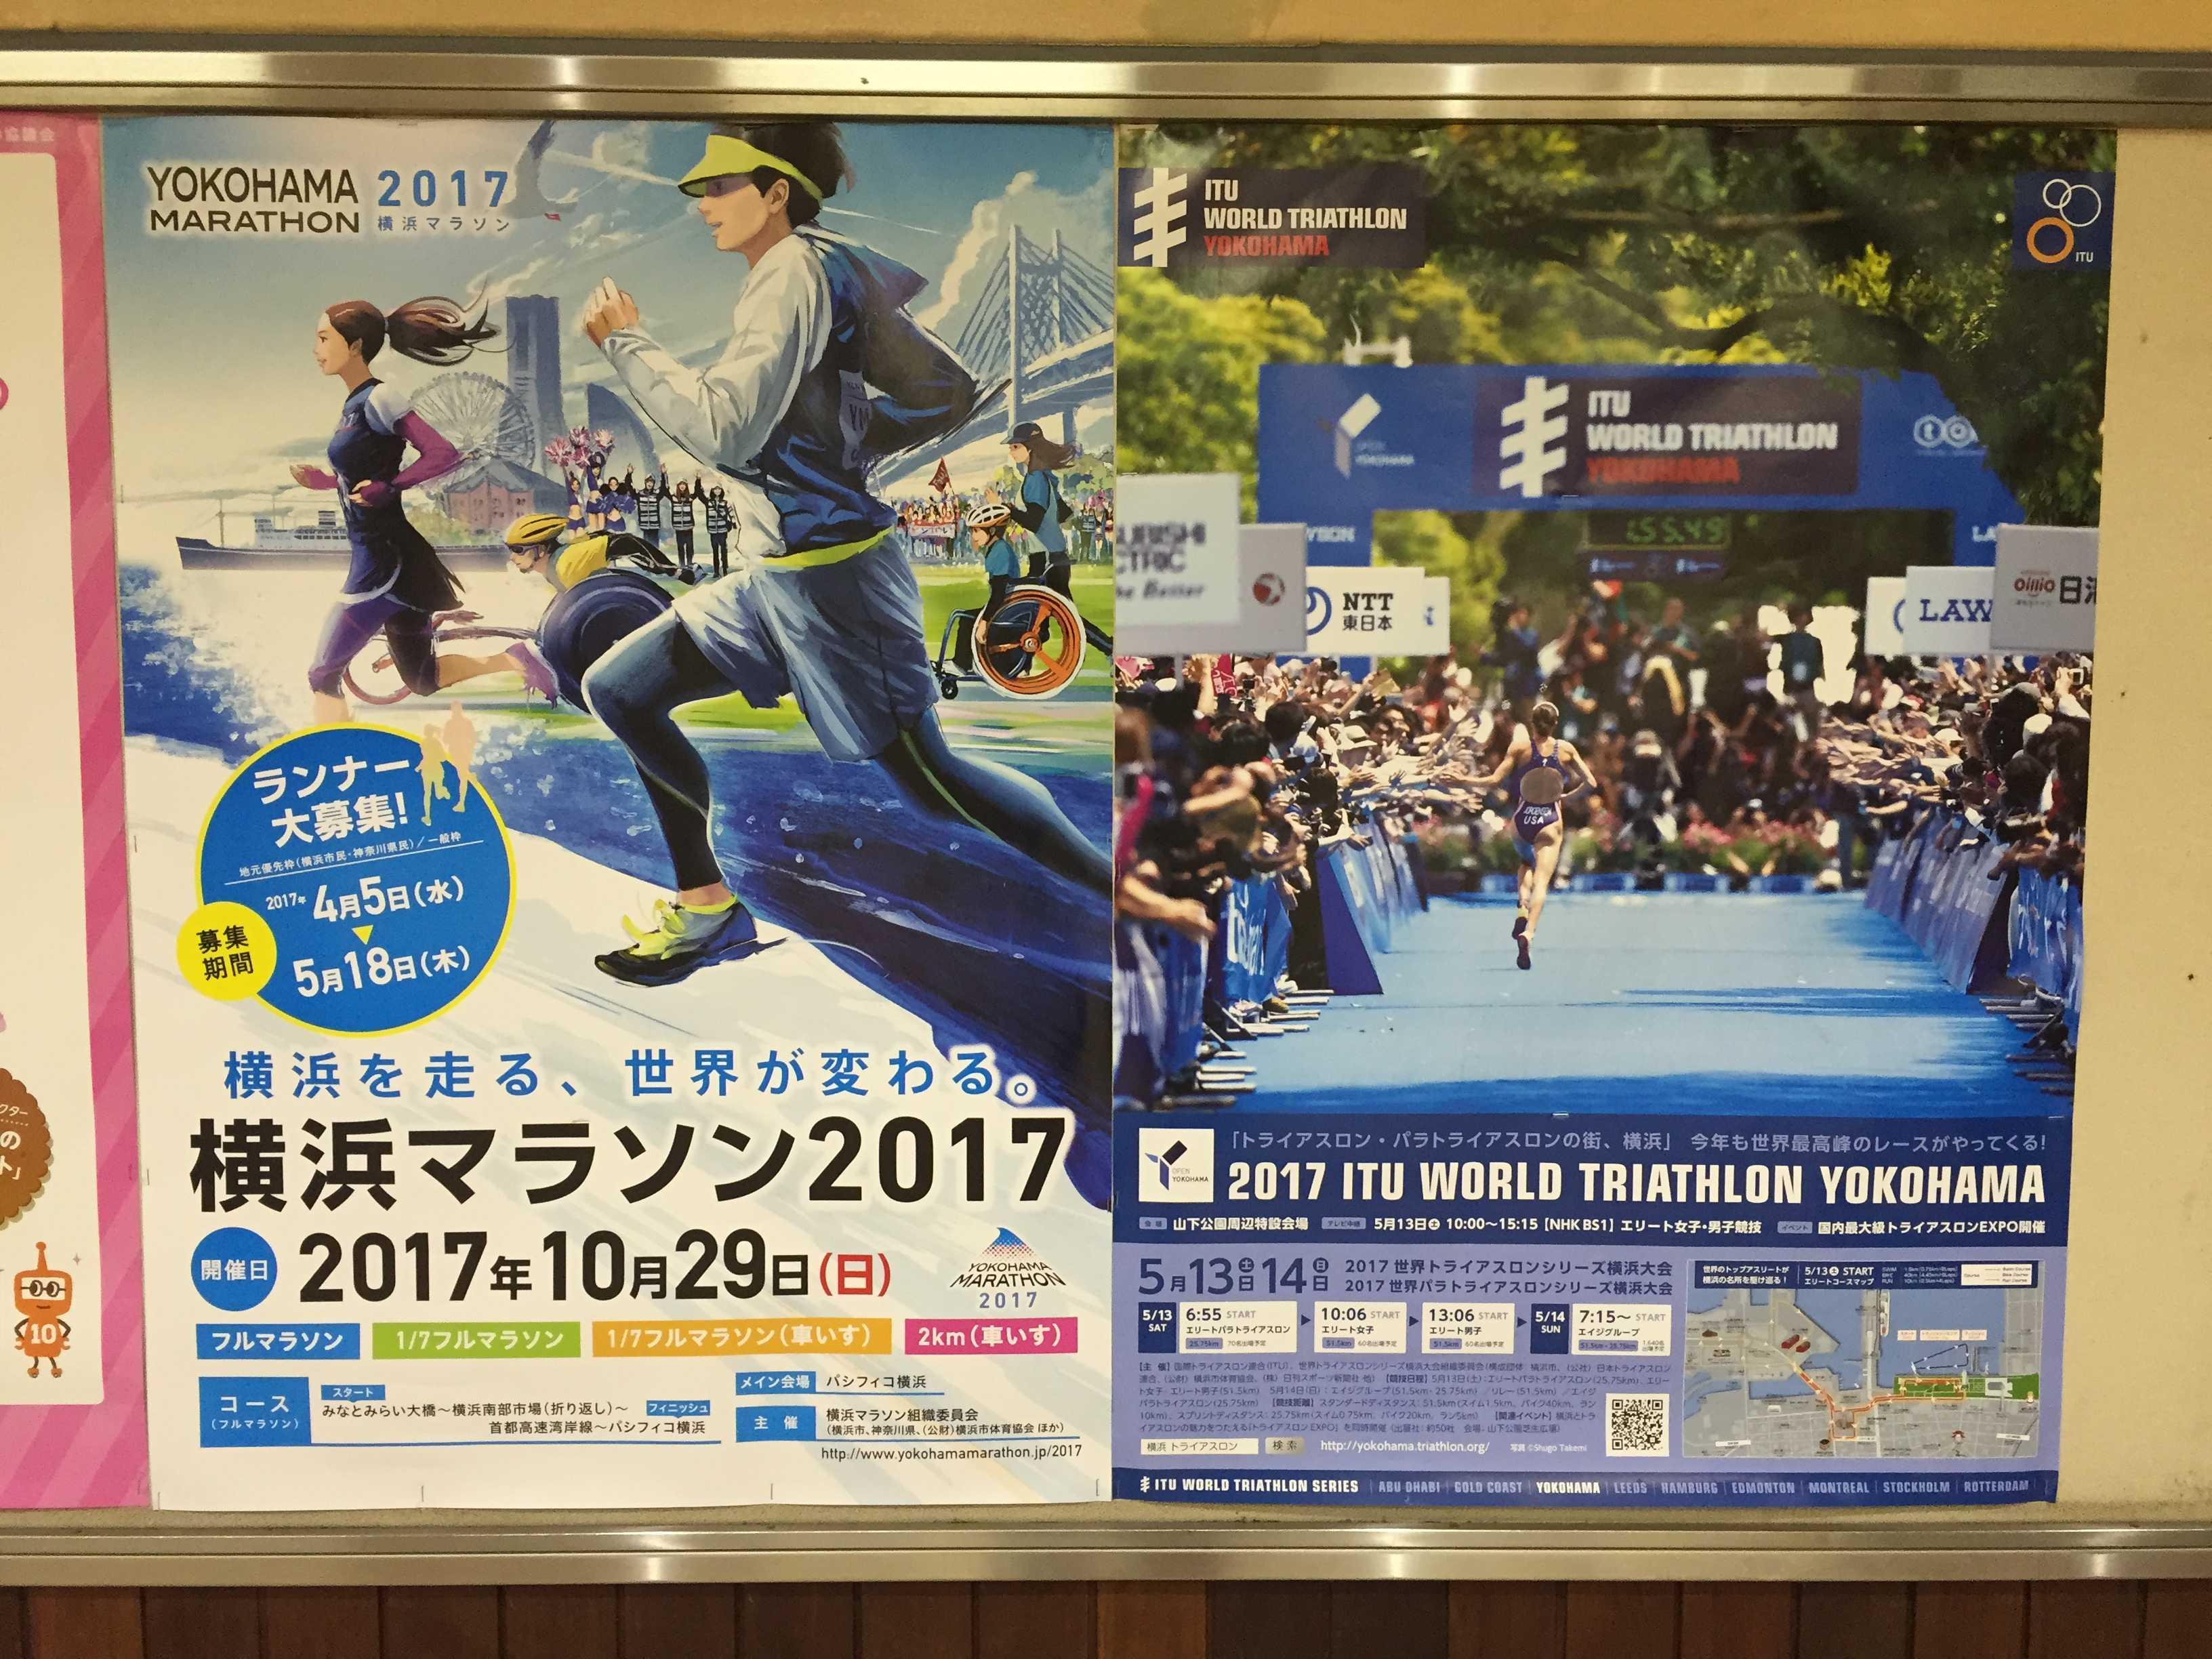 横浜マラソン2017 - 2017年10月29日(日)